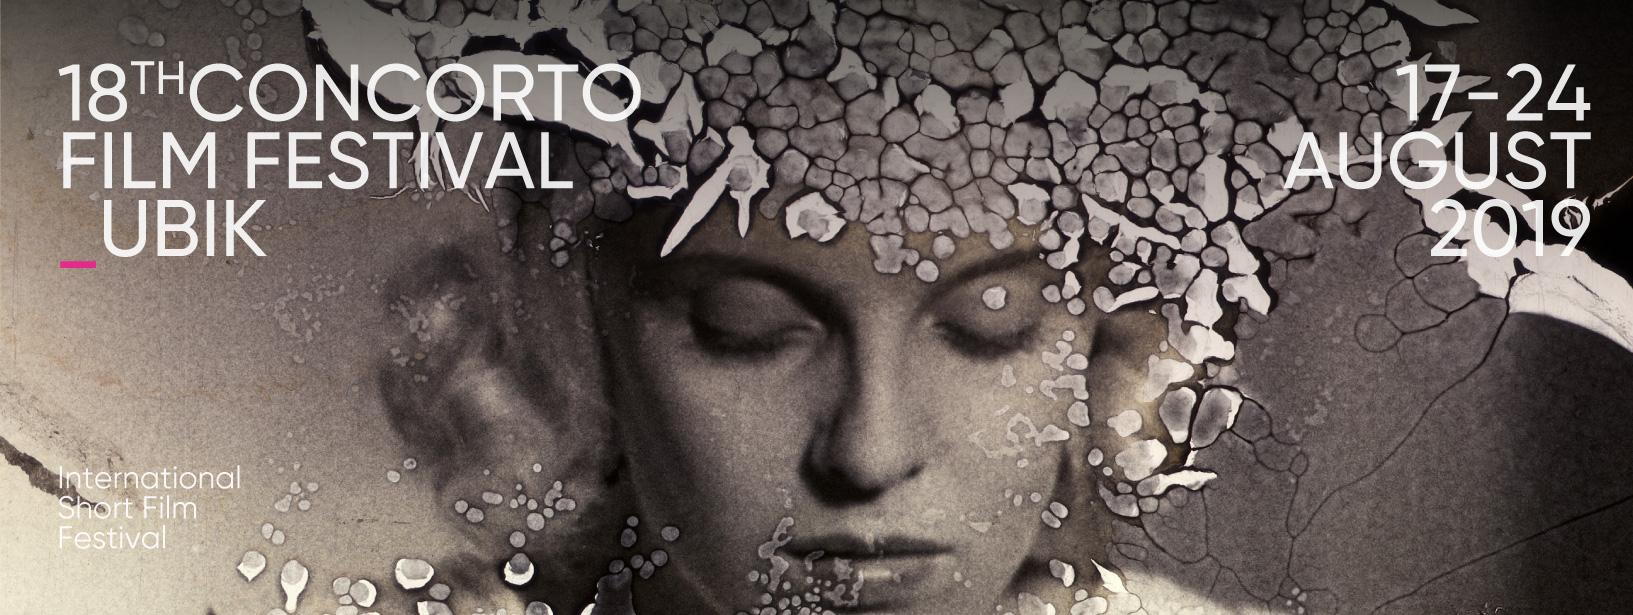 Amor En Fin Movie Online concorto, autore a concorto film festival